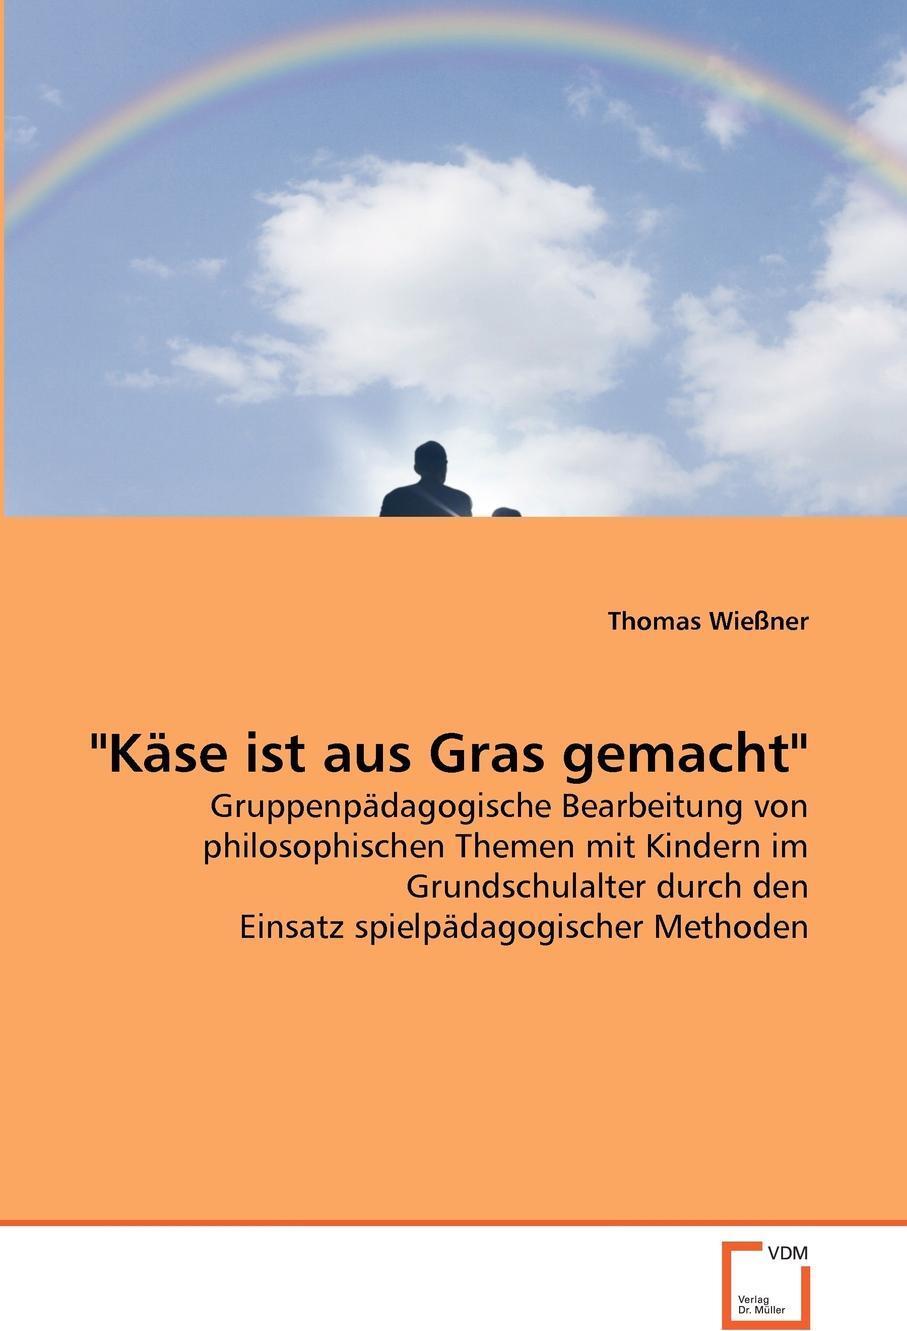 """Thomas Wießner. """"Kase ist aus Gras gemacht"""""""